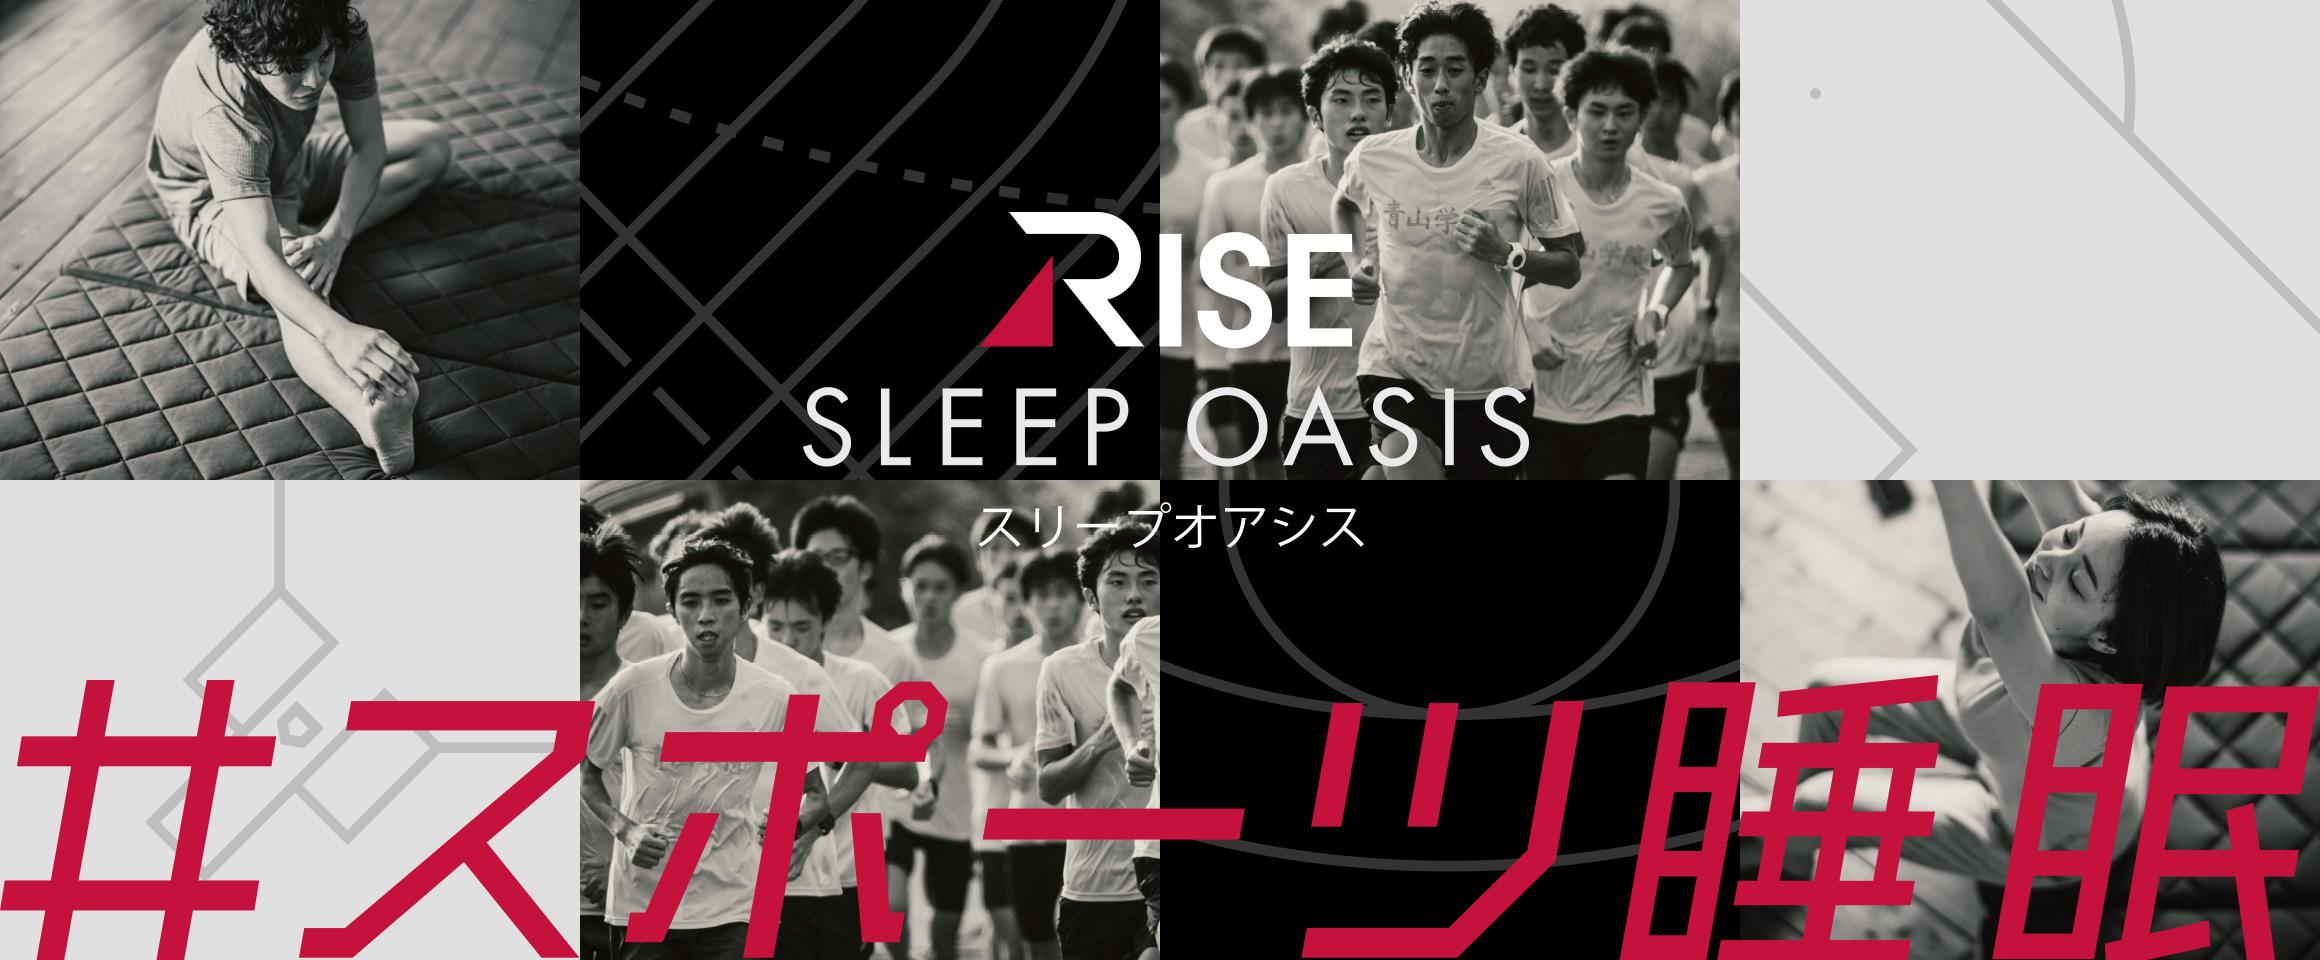 RISE SLEEP OASIS スポーツ睡眠 スリーブアオシス